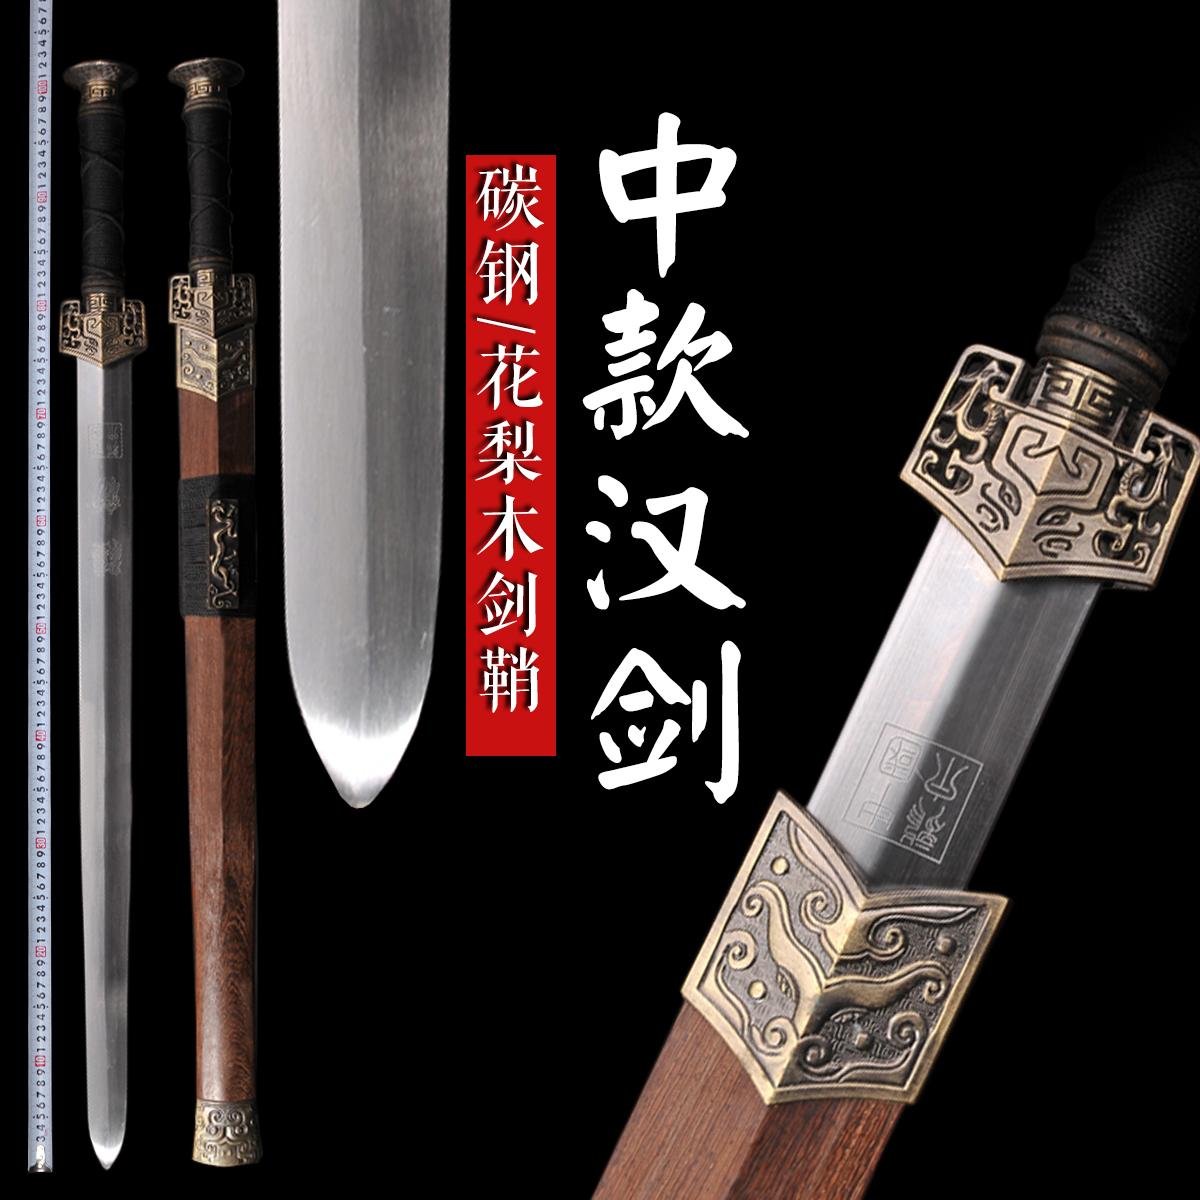 剑灵宝剑定军小汉剑 三国短剑 镇宅宝剑硬剑短款刀剑未开刃